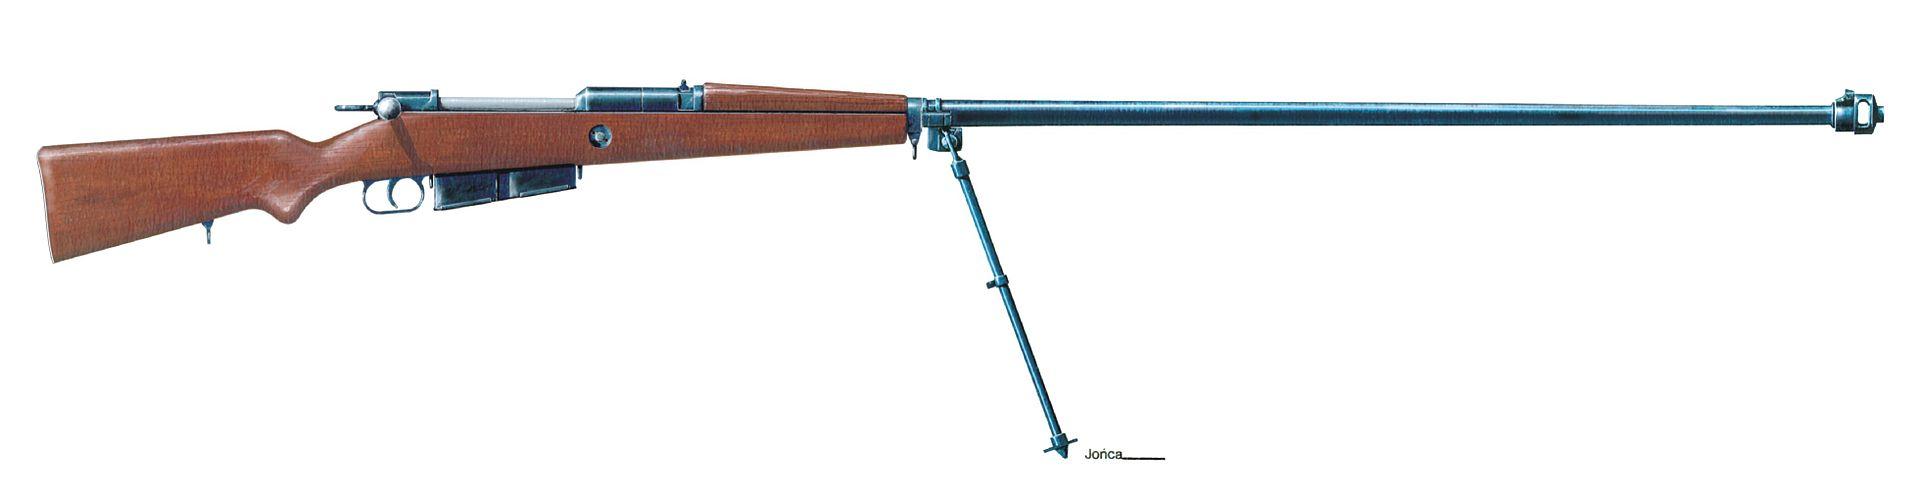 Karabin przeciwpancerny wzór 35 (kb ppanc wz. 35), znany także jako Ur (kb Ur) (używana jest również nazwa 7,9 mm rusznica przeciwpancerna UR) — polski karabin przeciwpancerny, skonstruowany w połowie lat trzydziestych i produkowany od 1938 roku w Fabryce Karabinów w Warszawie.